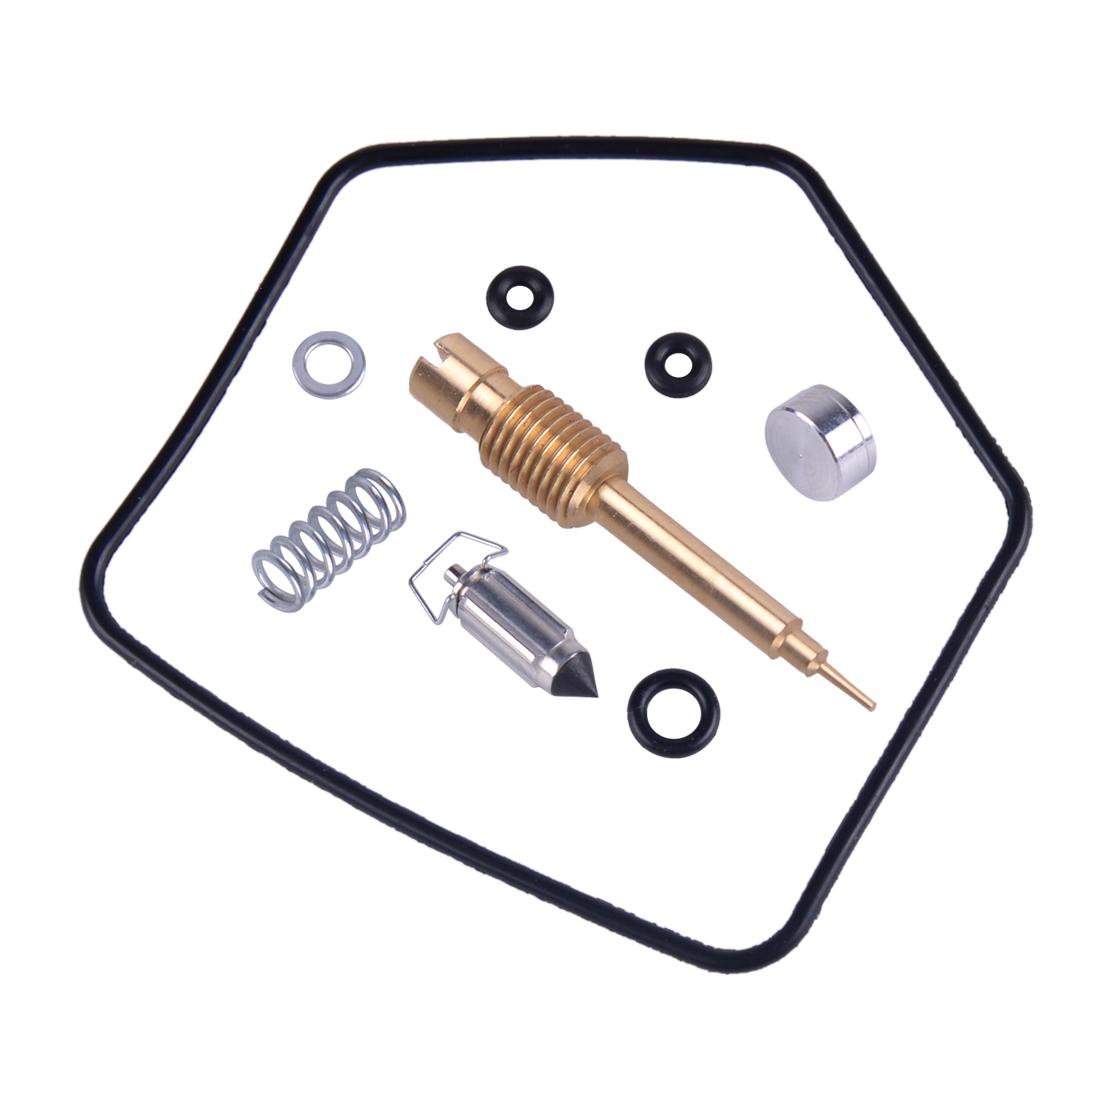 4x Fit For Kawasaki Kz750 Kz 750 Ltd Zn700 Ltd Carburetor Carb Rebuild Kit A3